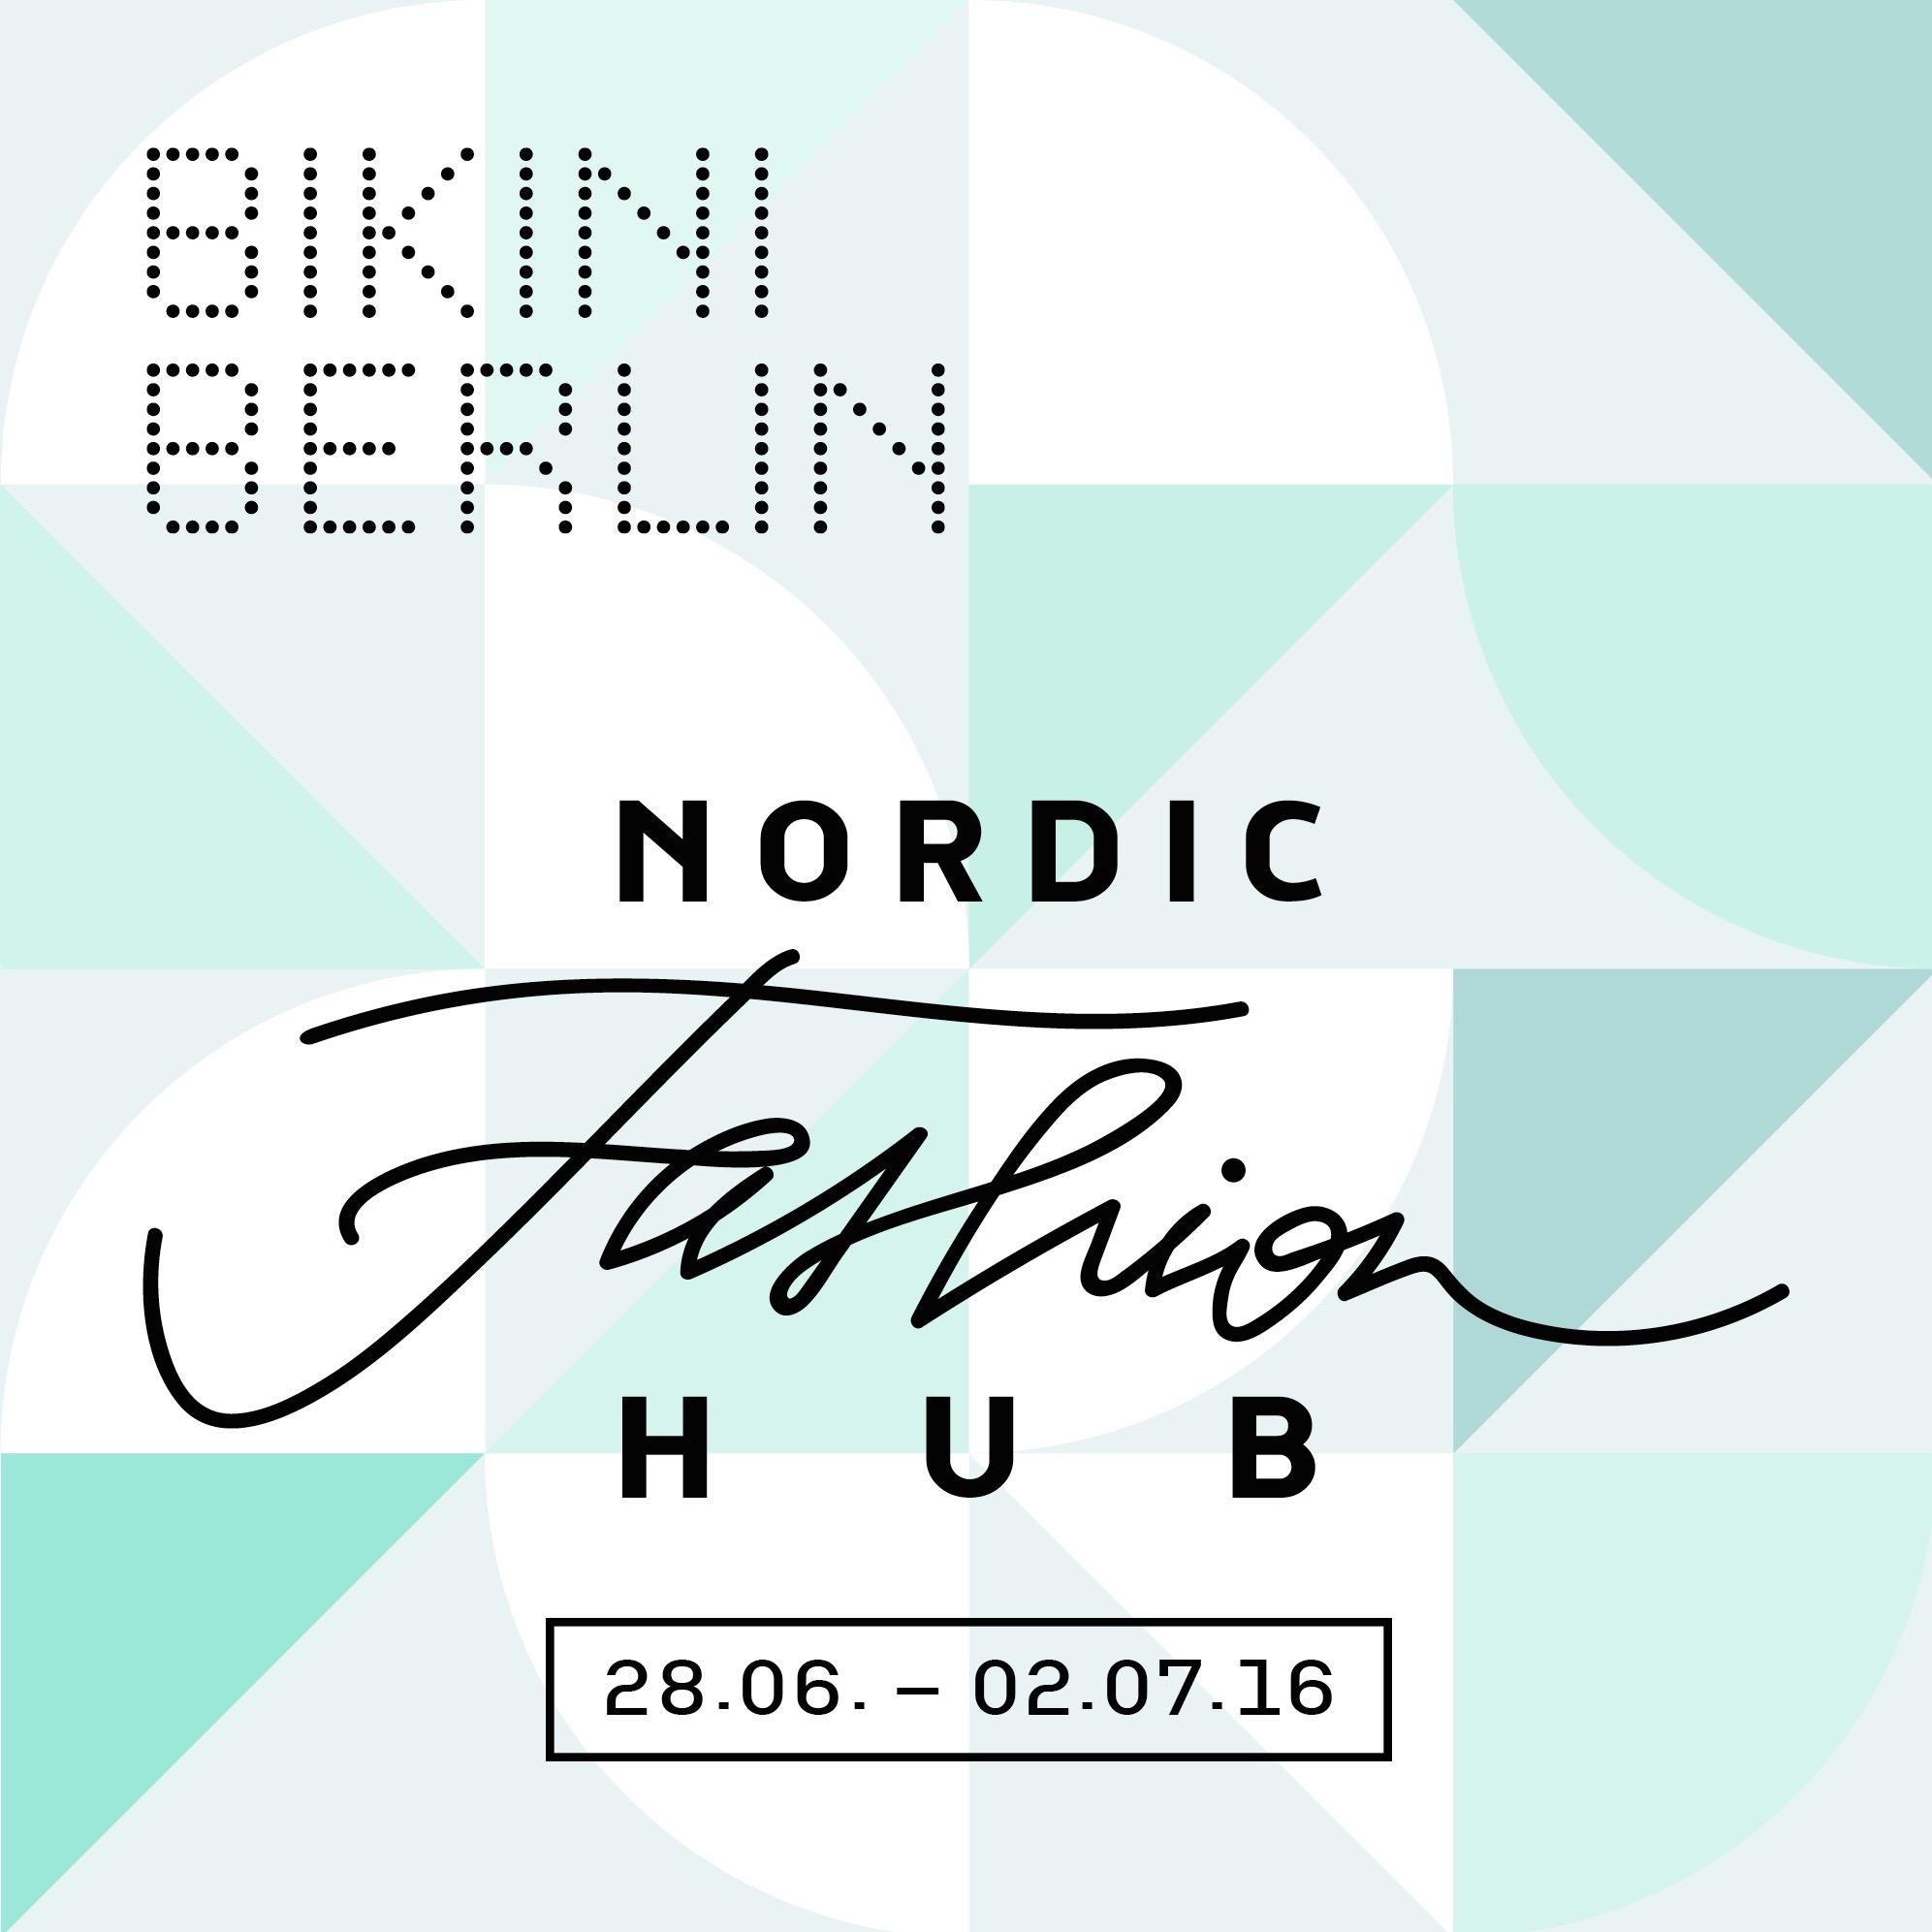 Bikini Berlin Fashion Hub 2016